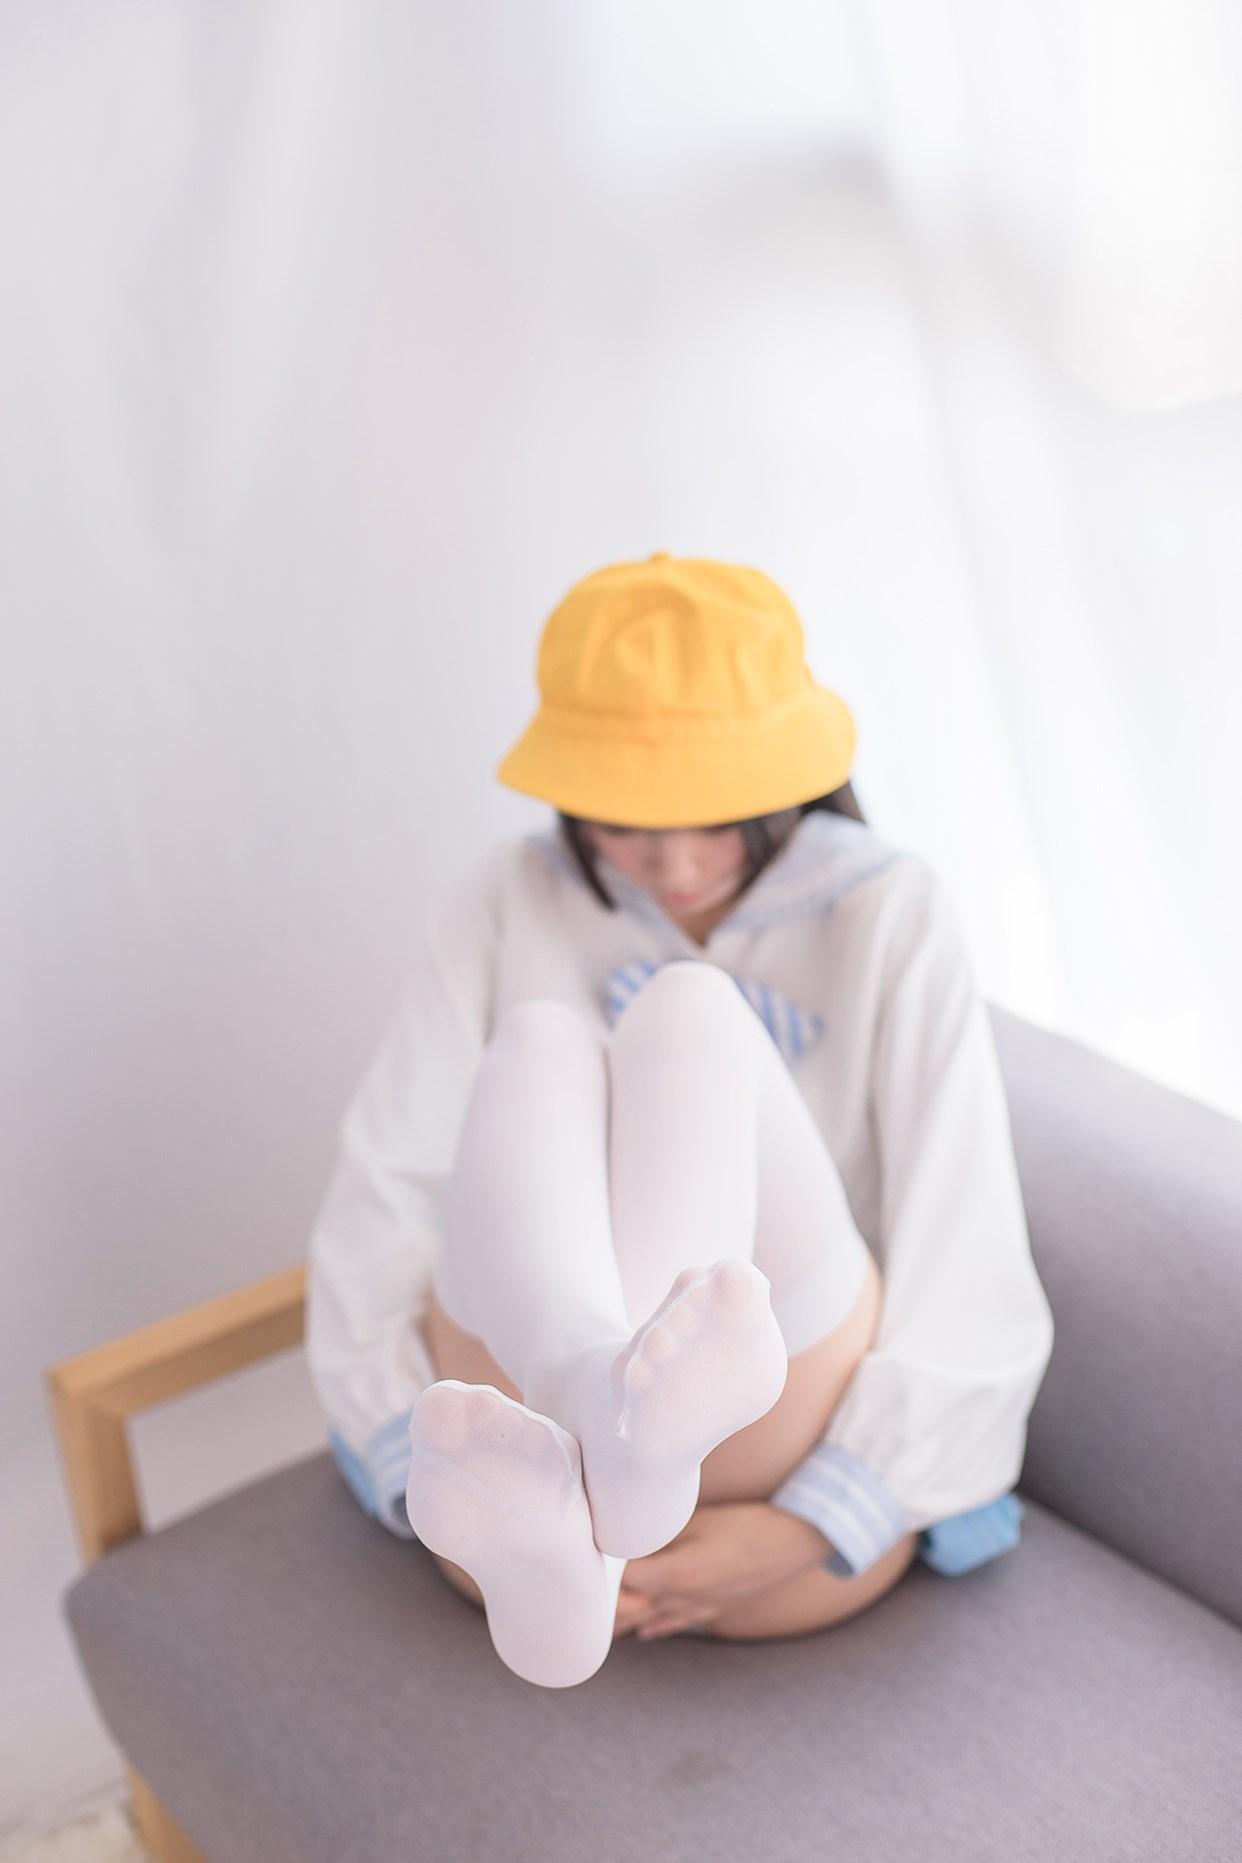 【兔玩映画】小黄帽和白丝 兔玩映画 第15张